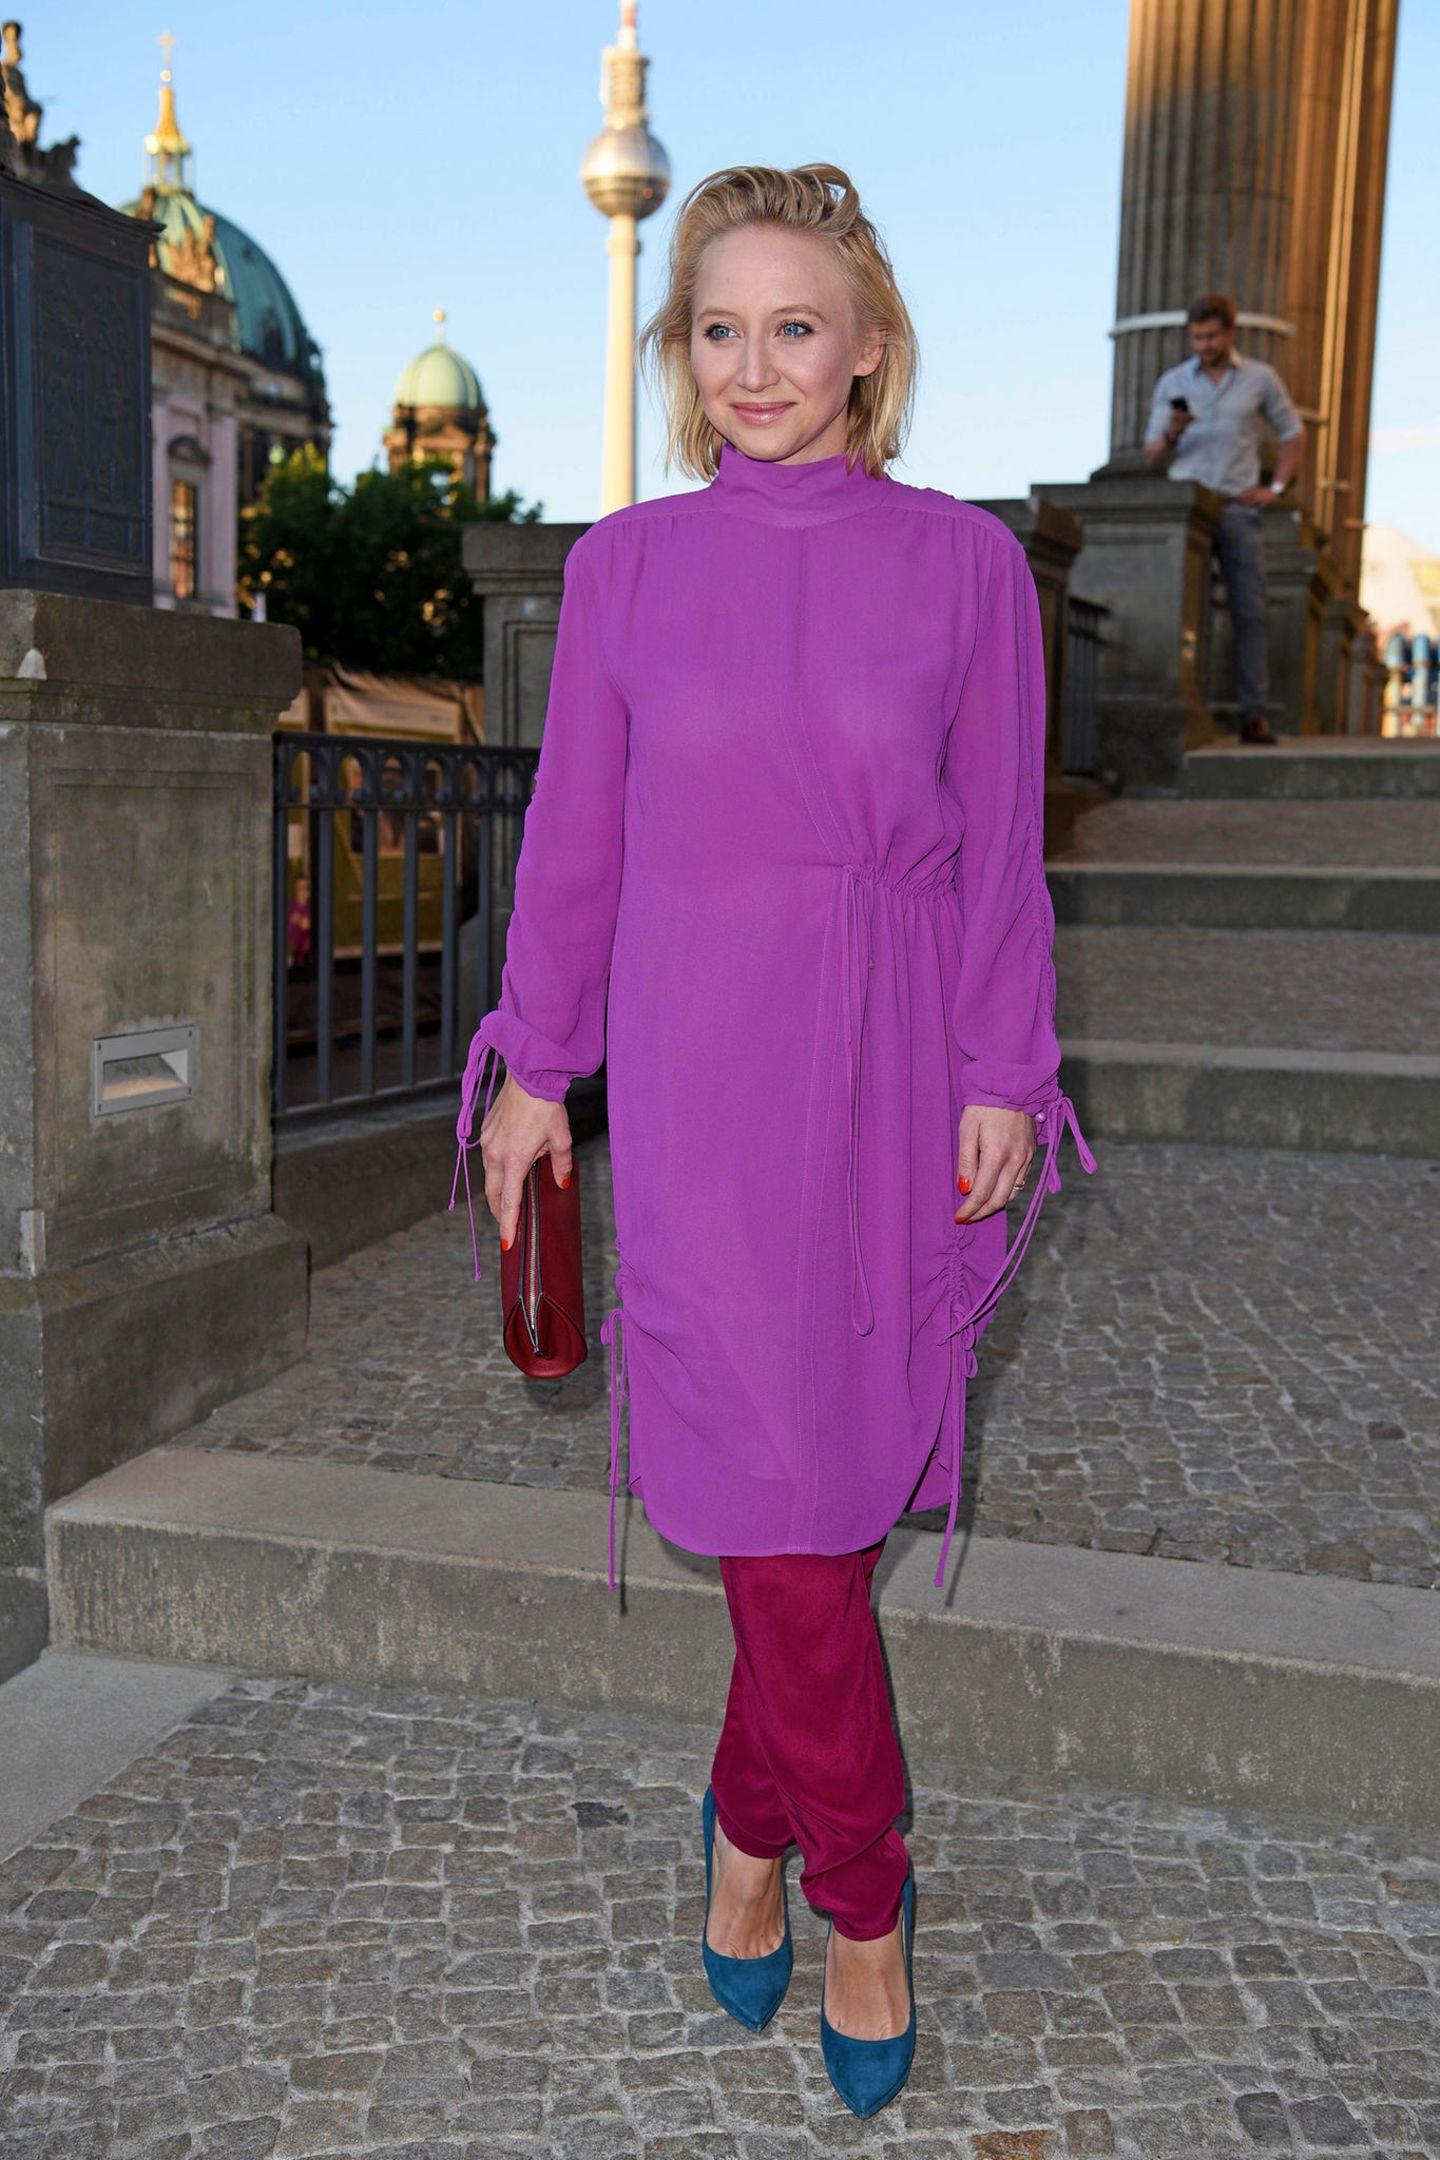 Anna Maria Mühe ist eine waschechte Ost-Berlinerin, geboren am 23. Juli 1985 als Tochter des damaligen Schauspieler-Paars Jenny Gröllmann († 2006) undUlrich Mühe († 2007).